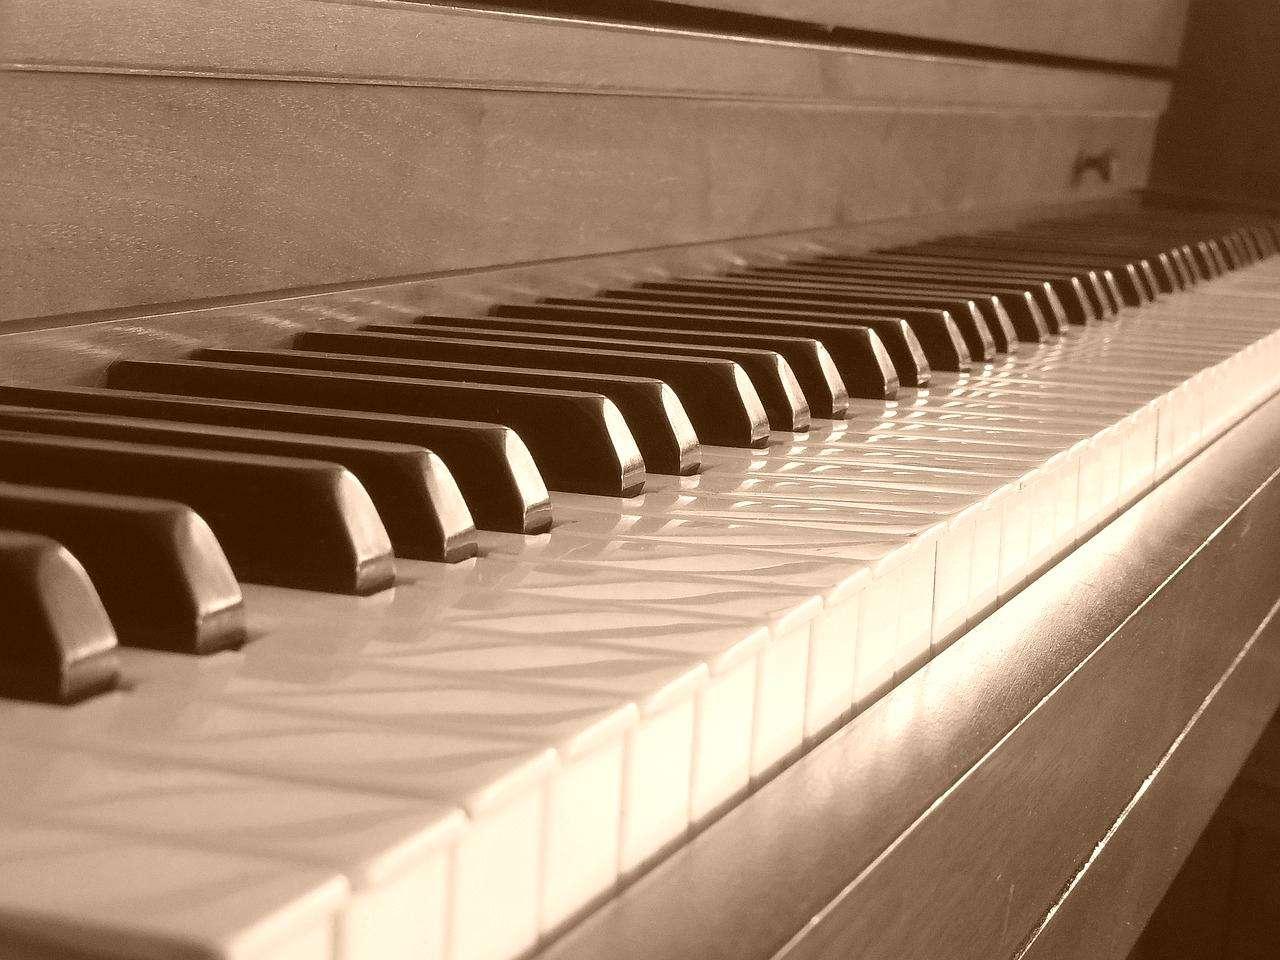 piano-658470_1280-vintage